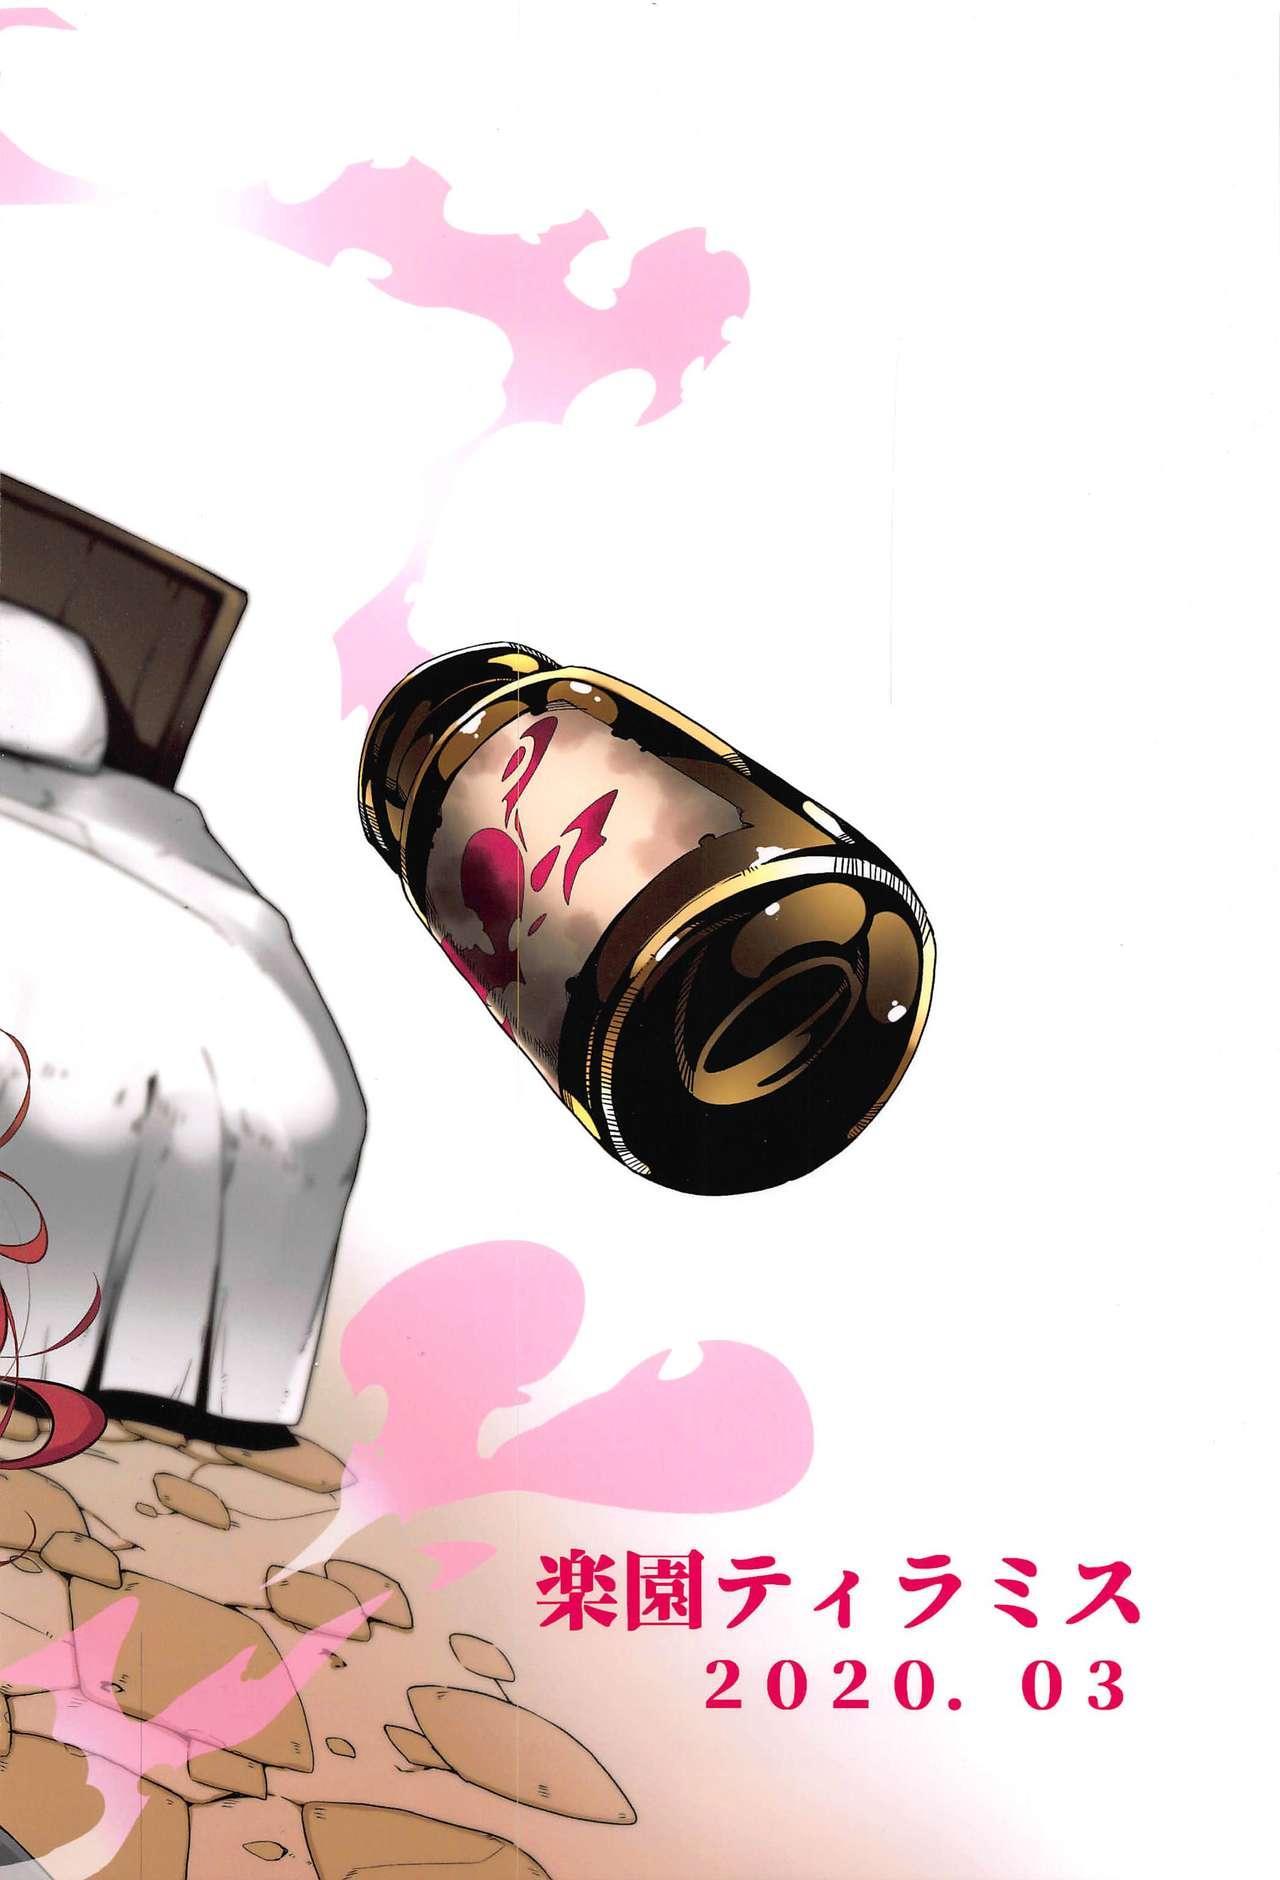 Kono Subarashii Biyaku de Kimeseku o! 27